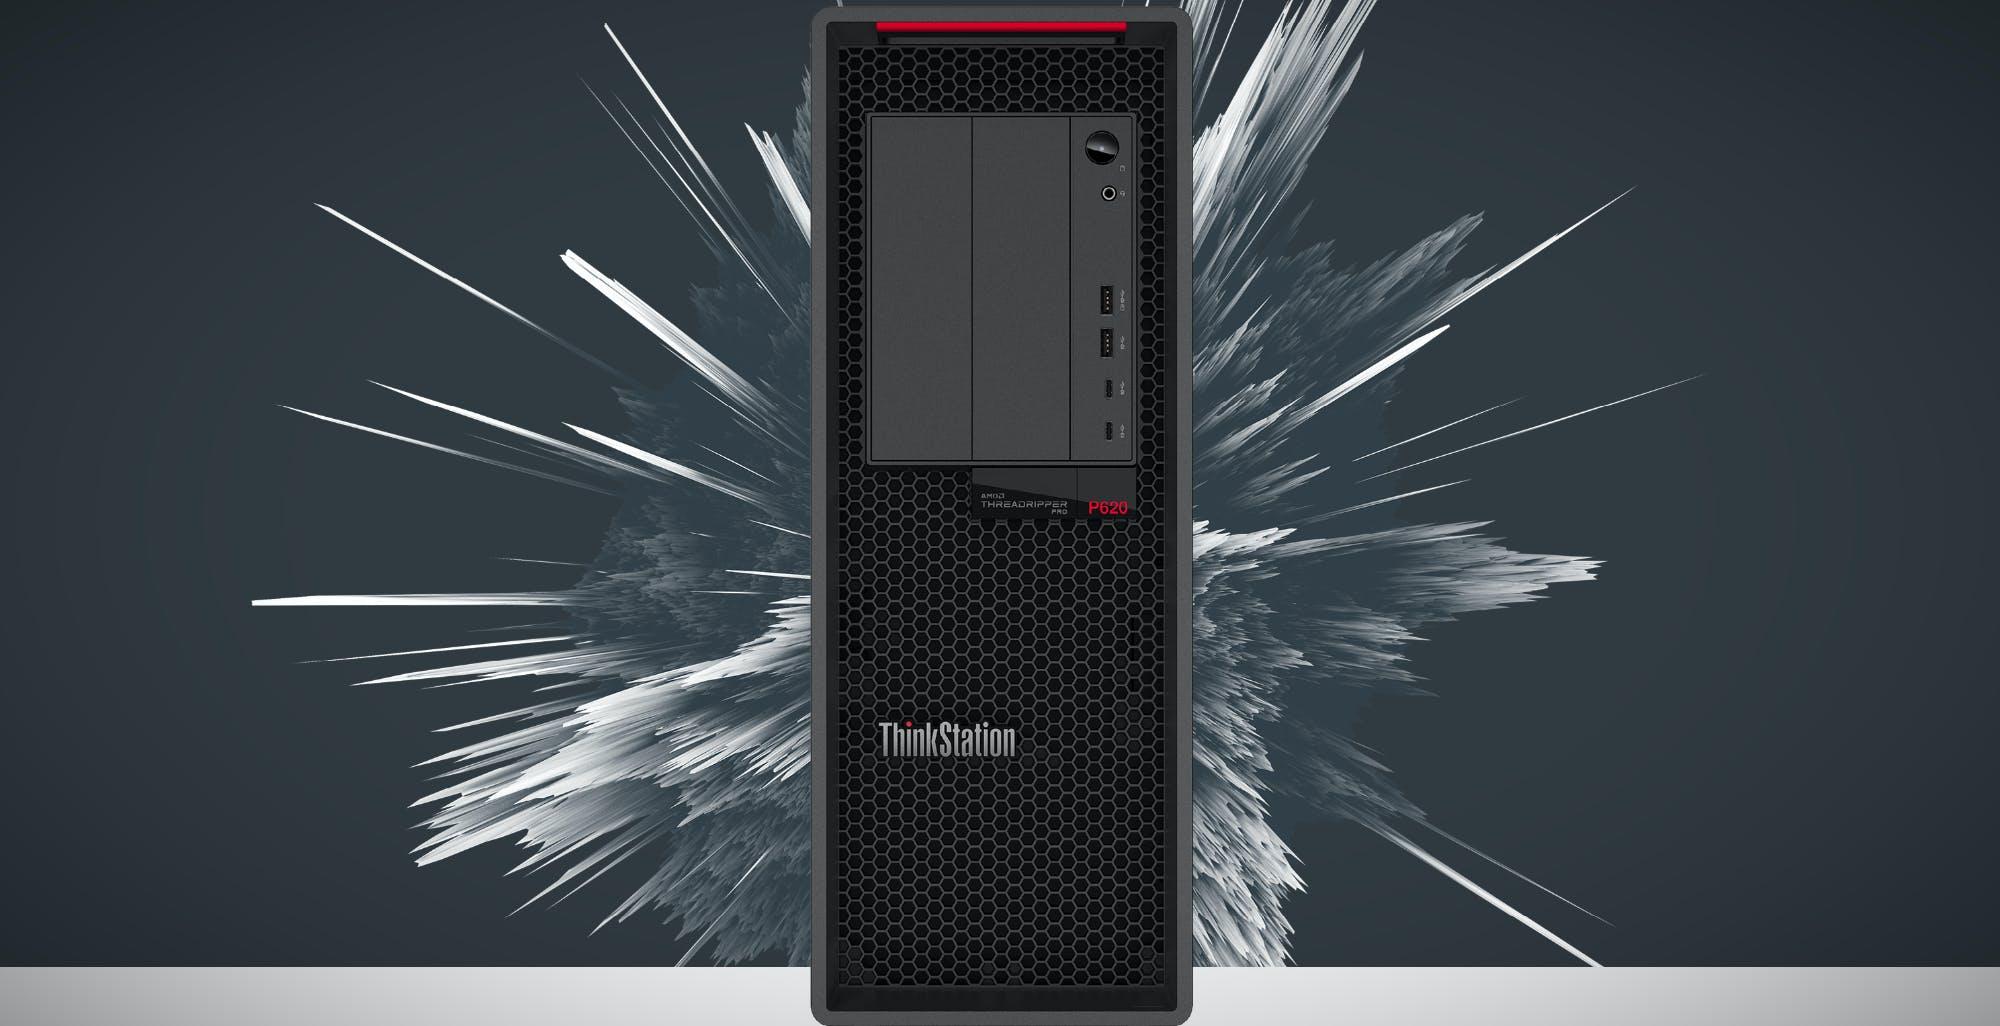 Lenovo annuncia ThinkStation P620, la prima workstation al mondo a 64 core grazie al Threadripper PRO di AMD